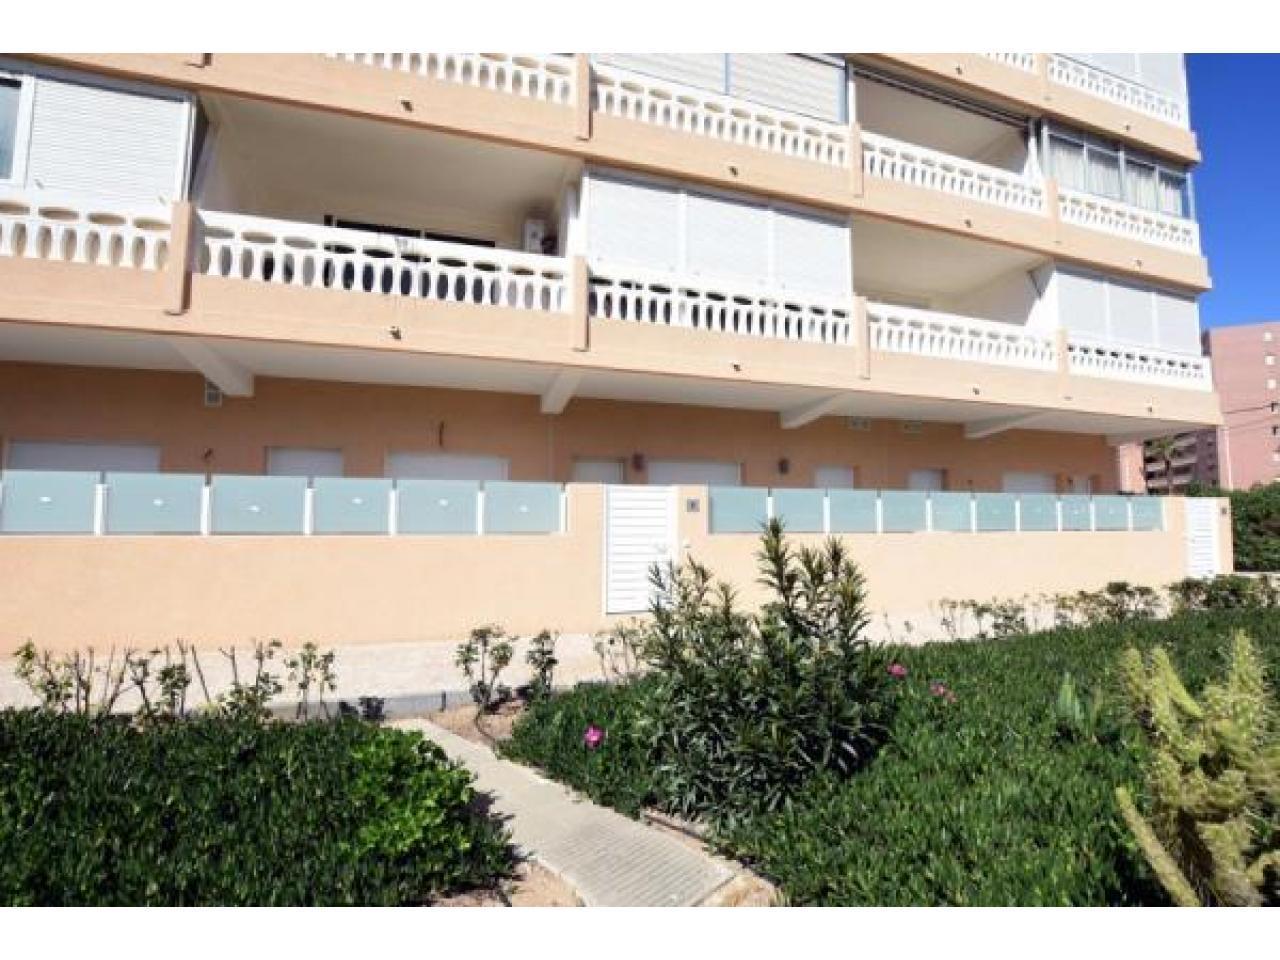 Недвижимость в Испании, Новые квартиры рядом с пляжем от застройщика в Ла Мата,Торревьеха - 3